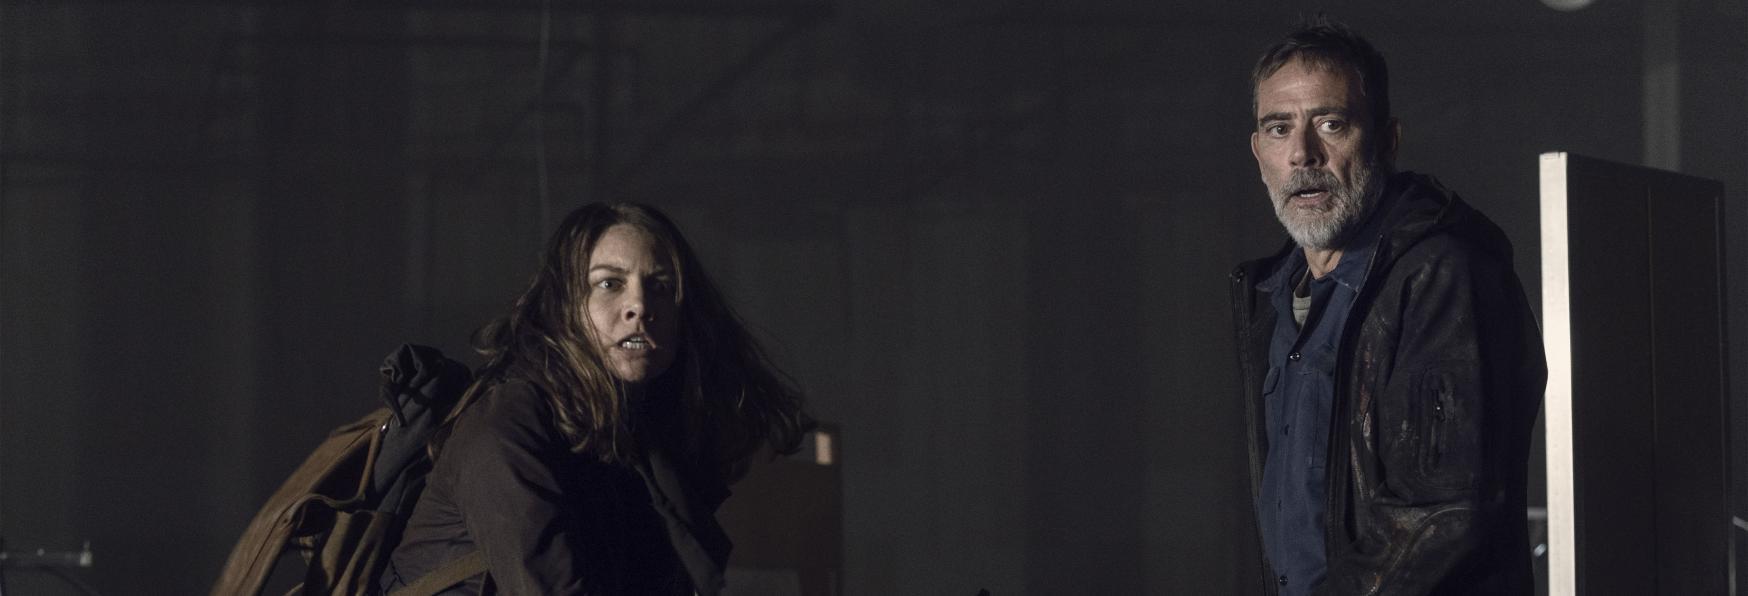 The Walking Dead 11: Interessanti Evoluzioni nel Rapporto tra Maggie e Negan. Ne Parla la Showrunner